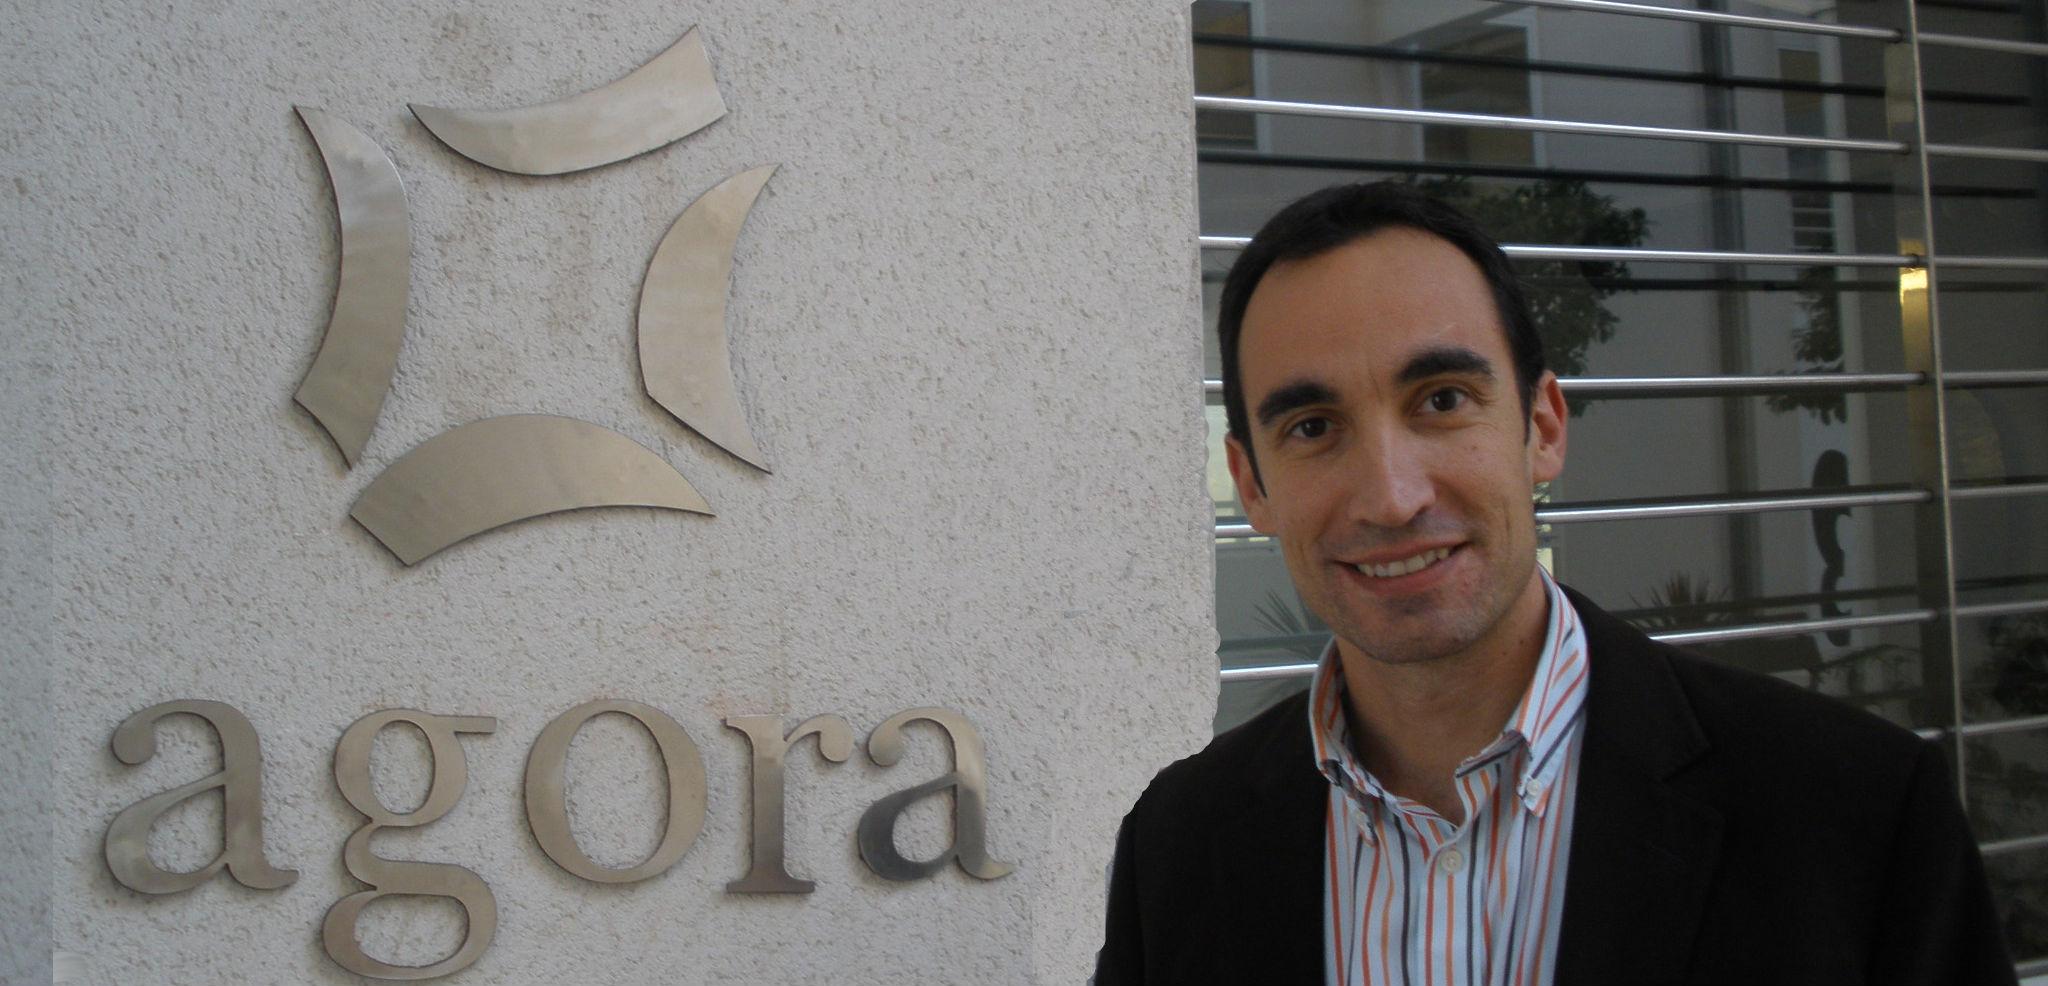 óscar Reyes, director General de desbanca.com